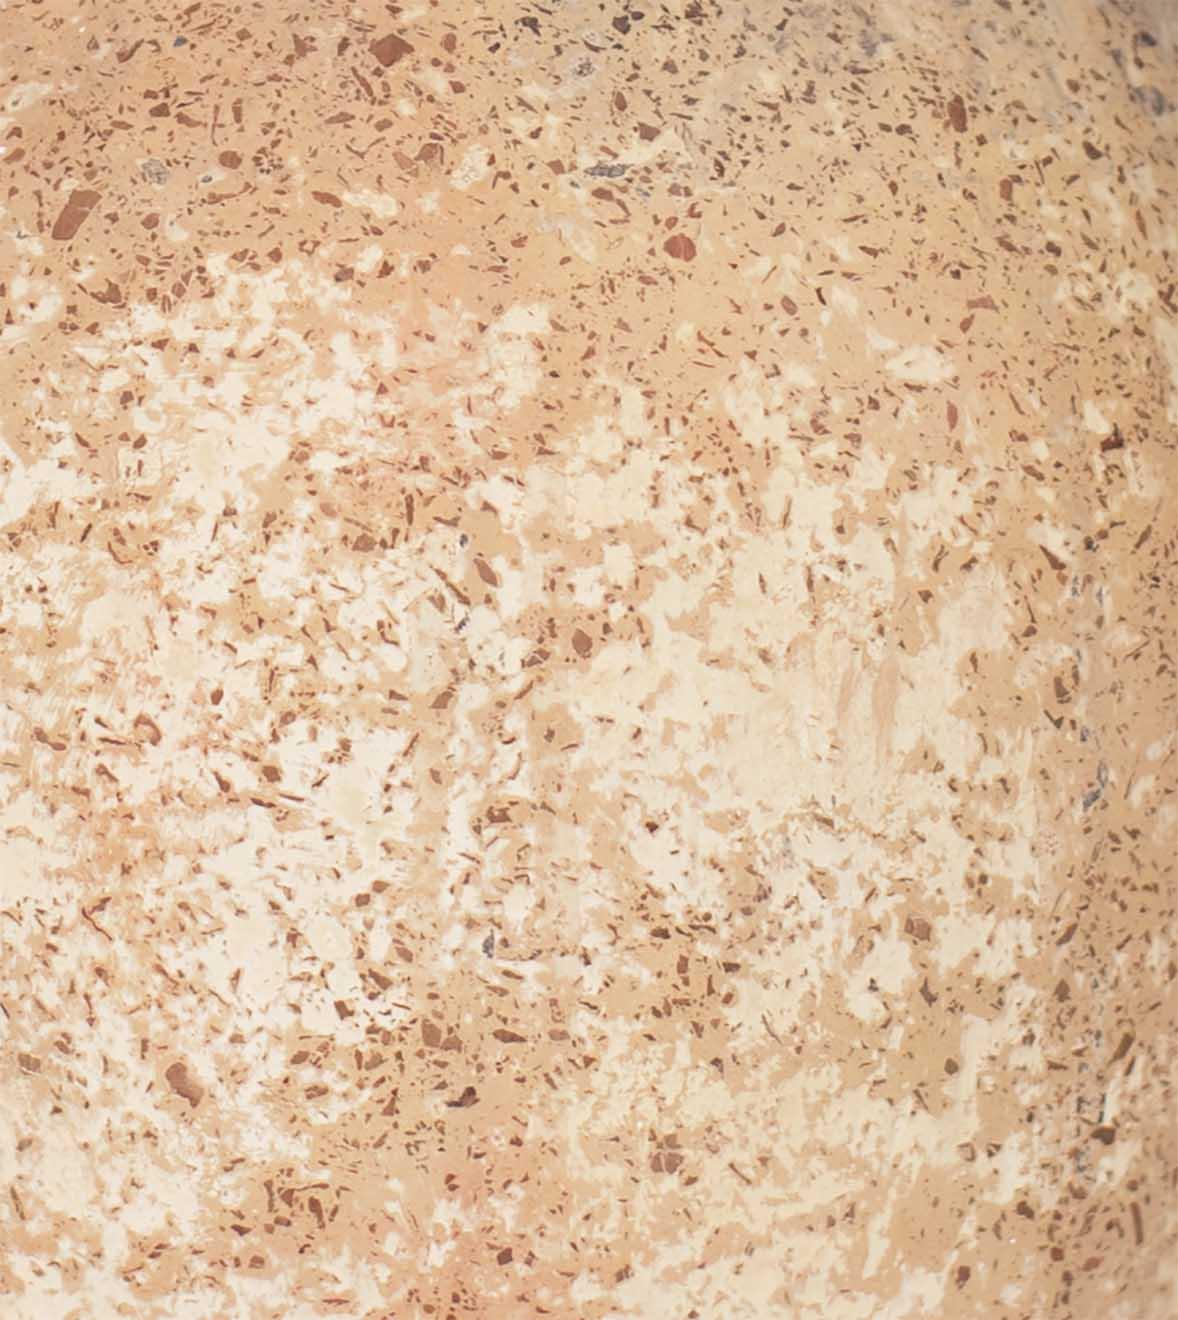 agolla freckles jar